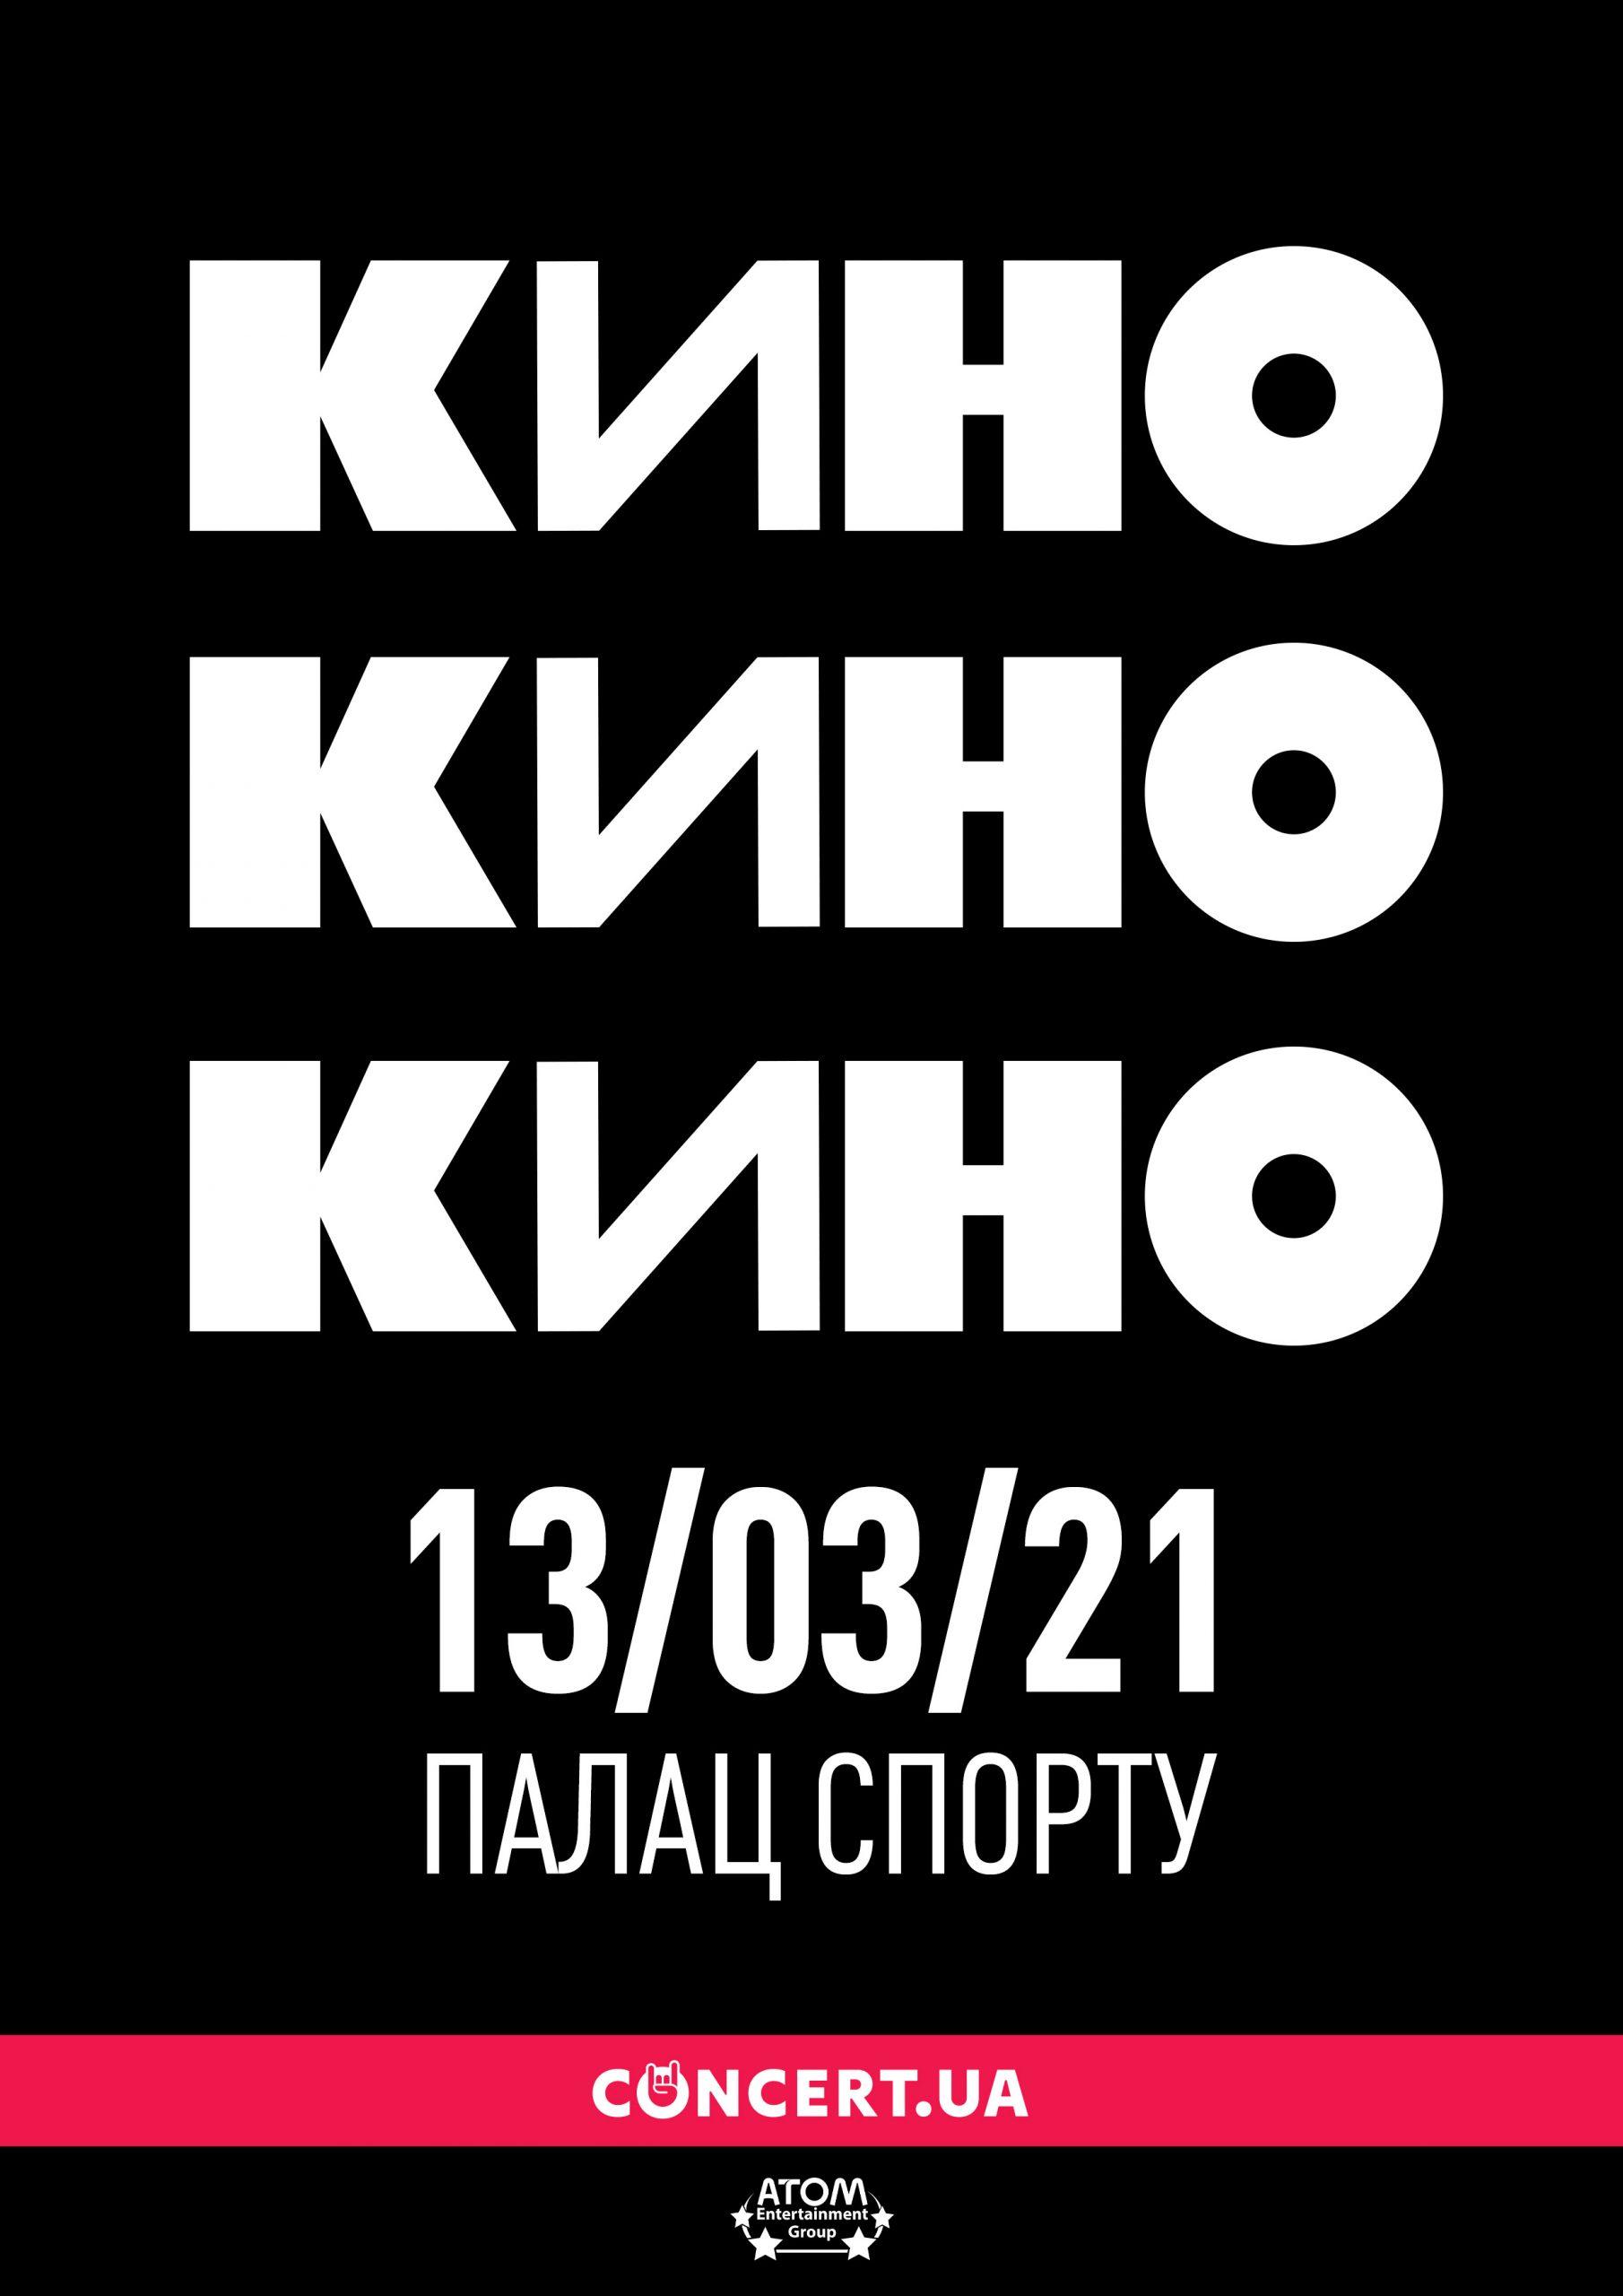 Петь будет сам Виктор Цой: группа «КИНО» выступит 13 марта в Киеве